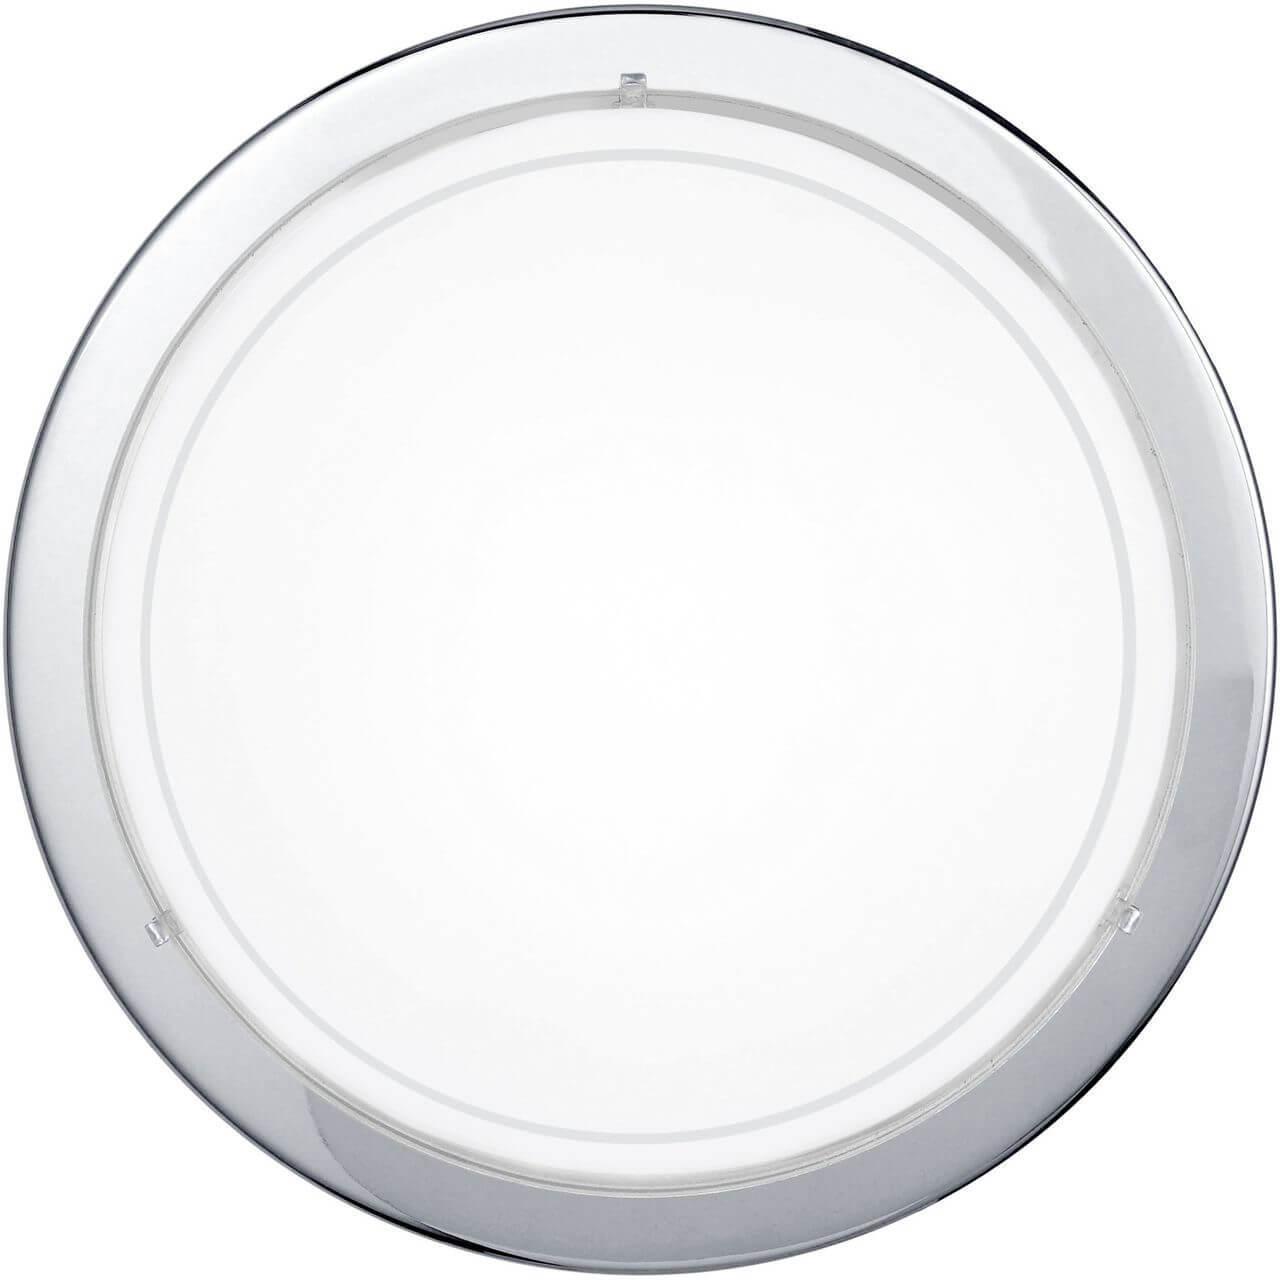 Настенно-потолочный светильник Eglo 83155, белый настенно потолочный светильник eglo 83155 белый